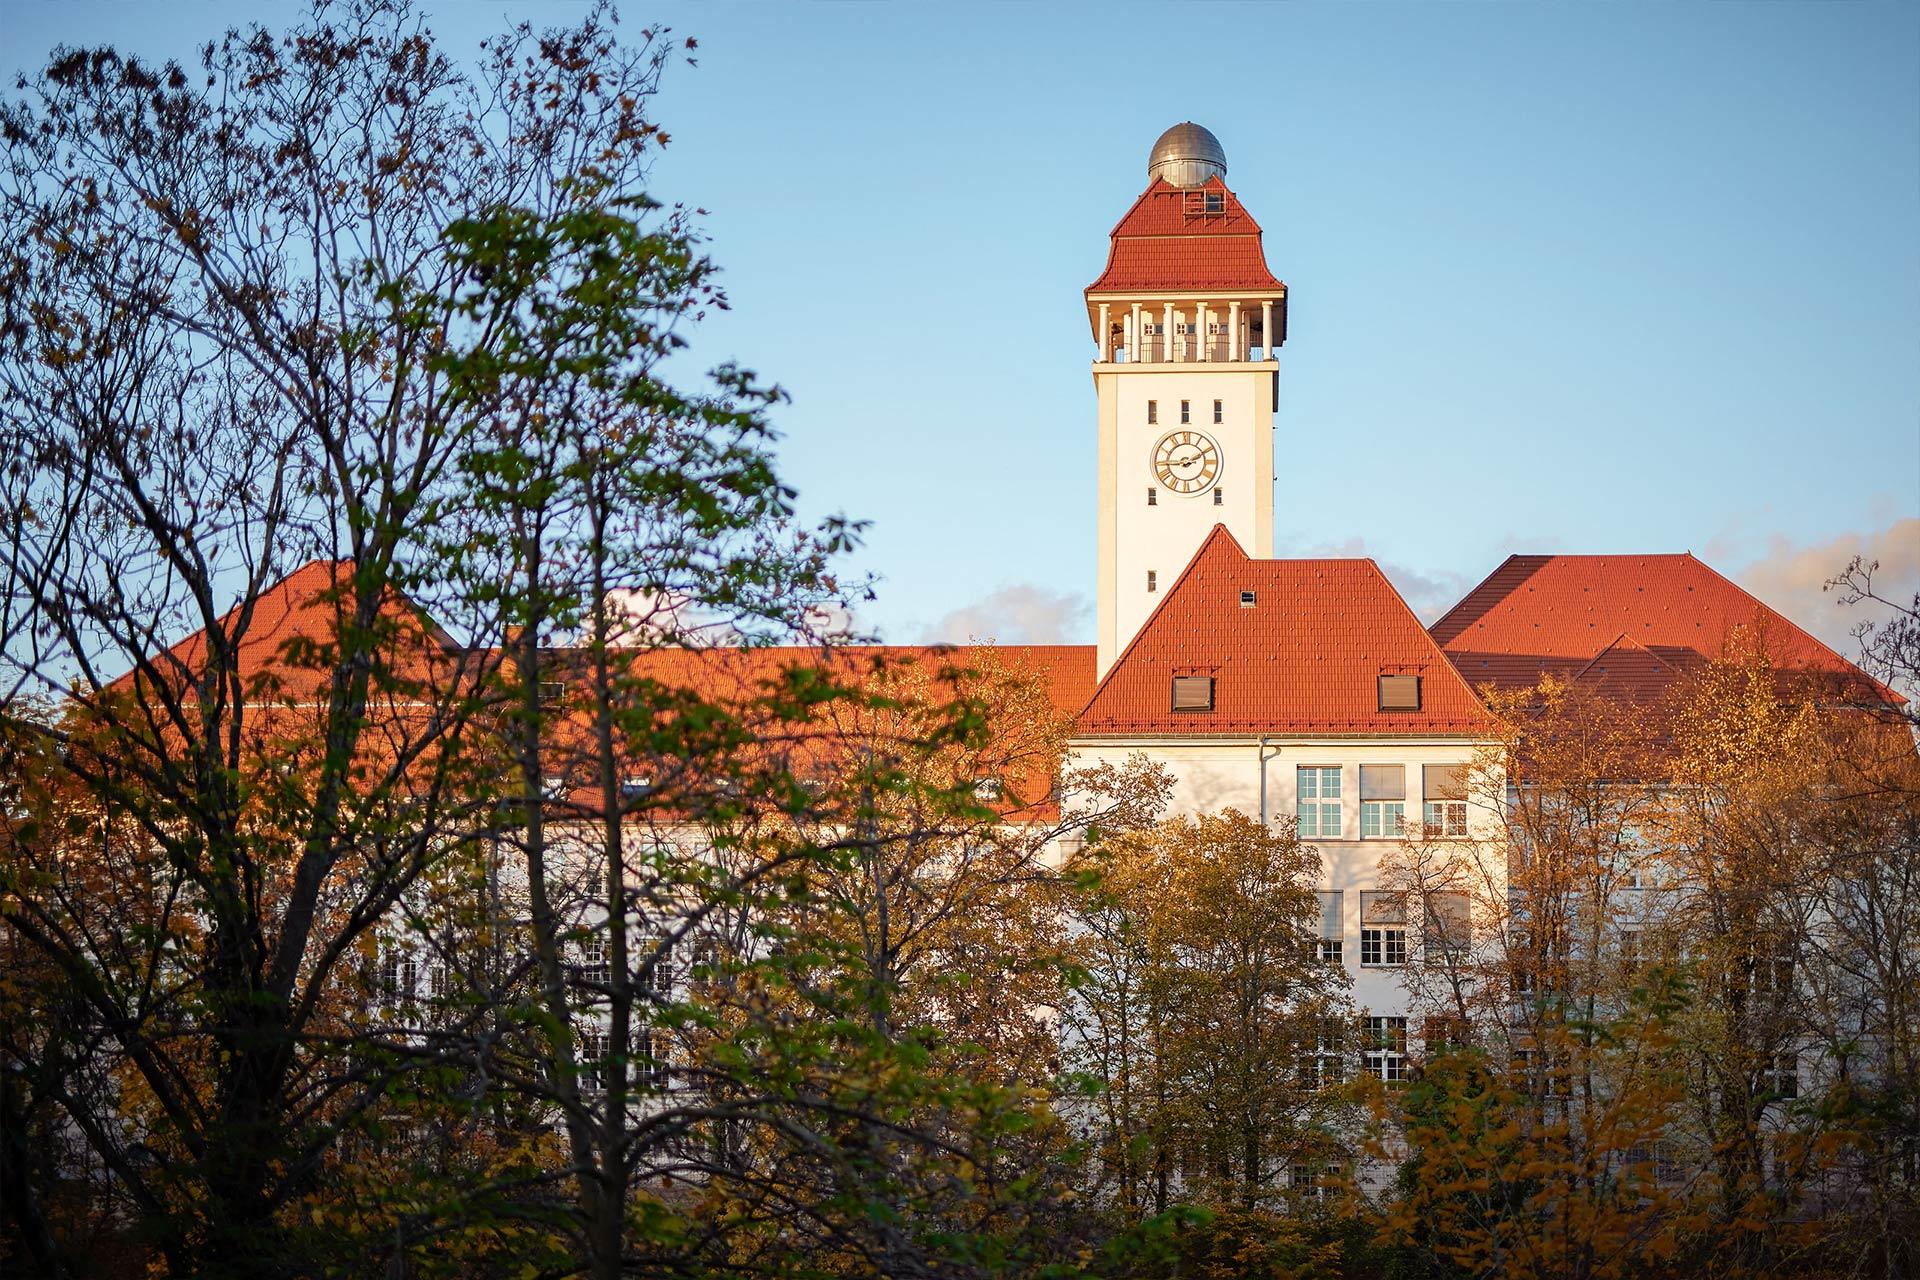 Sassnitzer_nachbarschaft_img_header_1920x1280_Sekundarschule